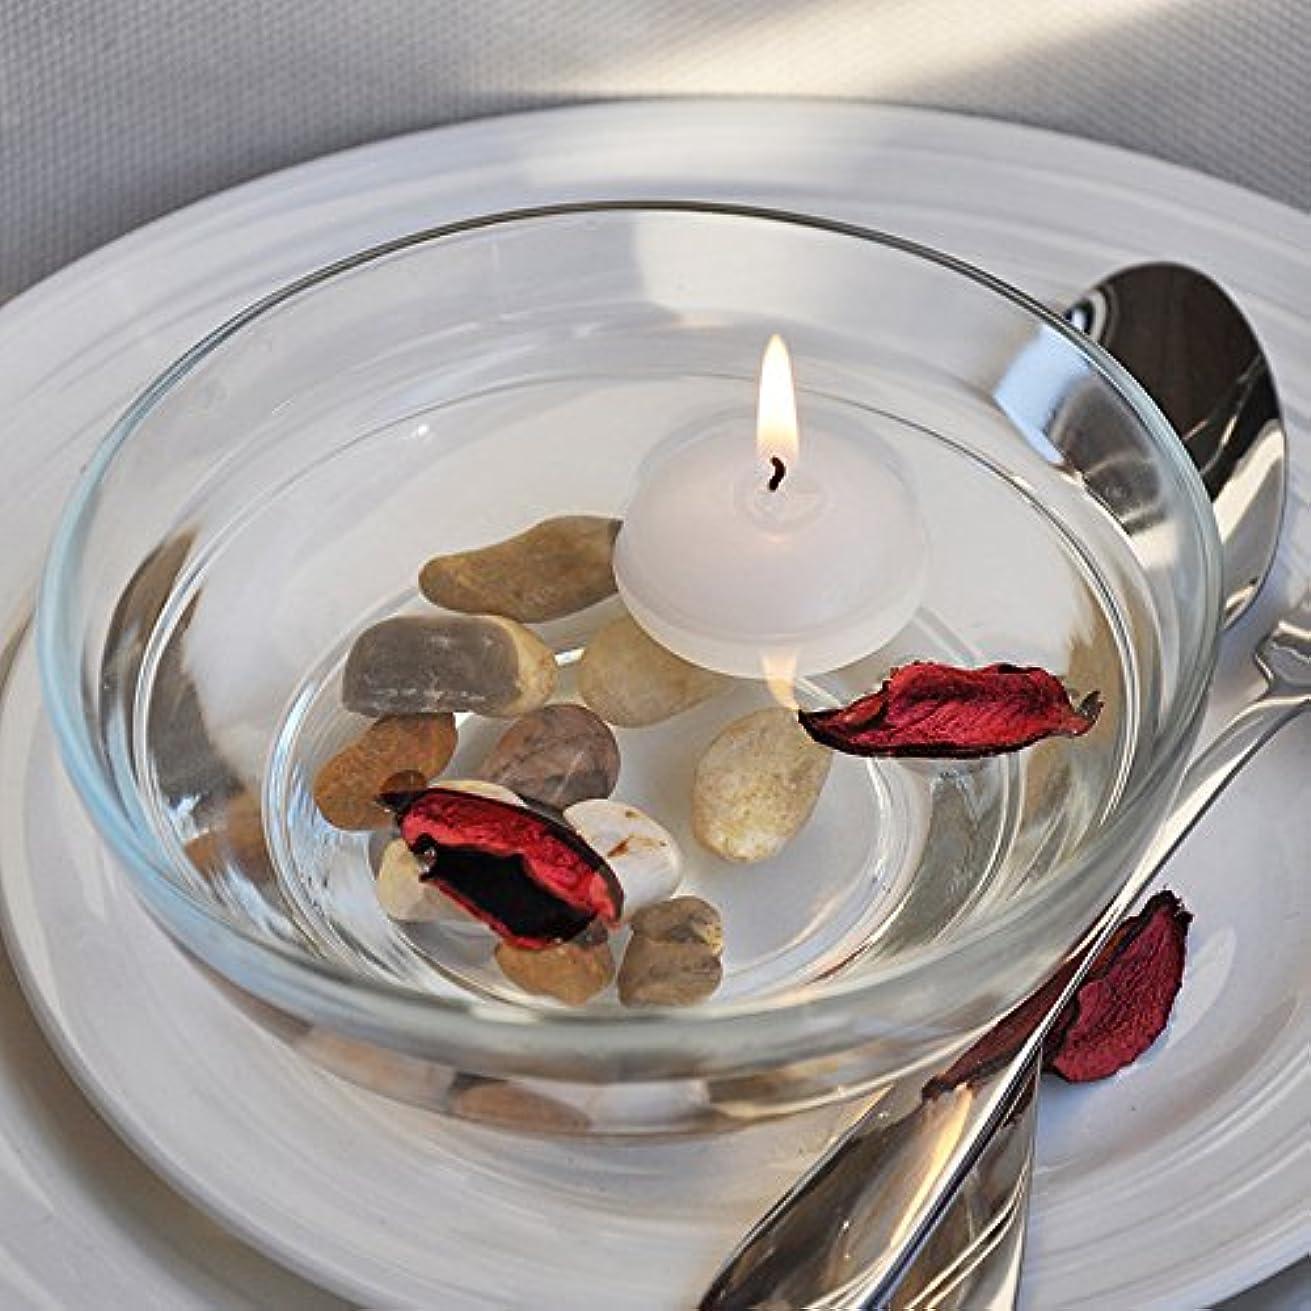 水差し遺伝的ストレンジャー熱い販売10ピース/ロット小さな無香料フローティングキャンドル用ウェディングパーティーホームデコレーションキャンドル-Ivory